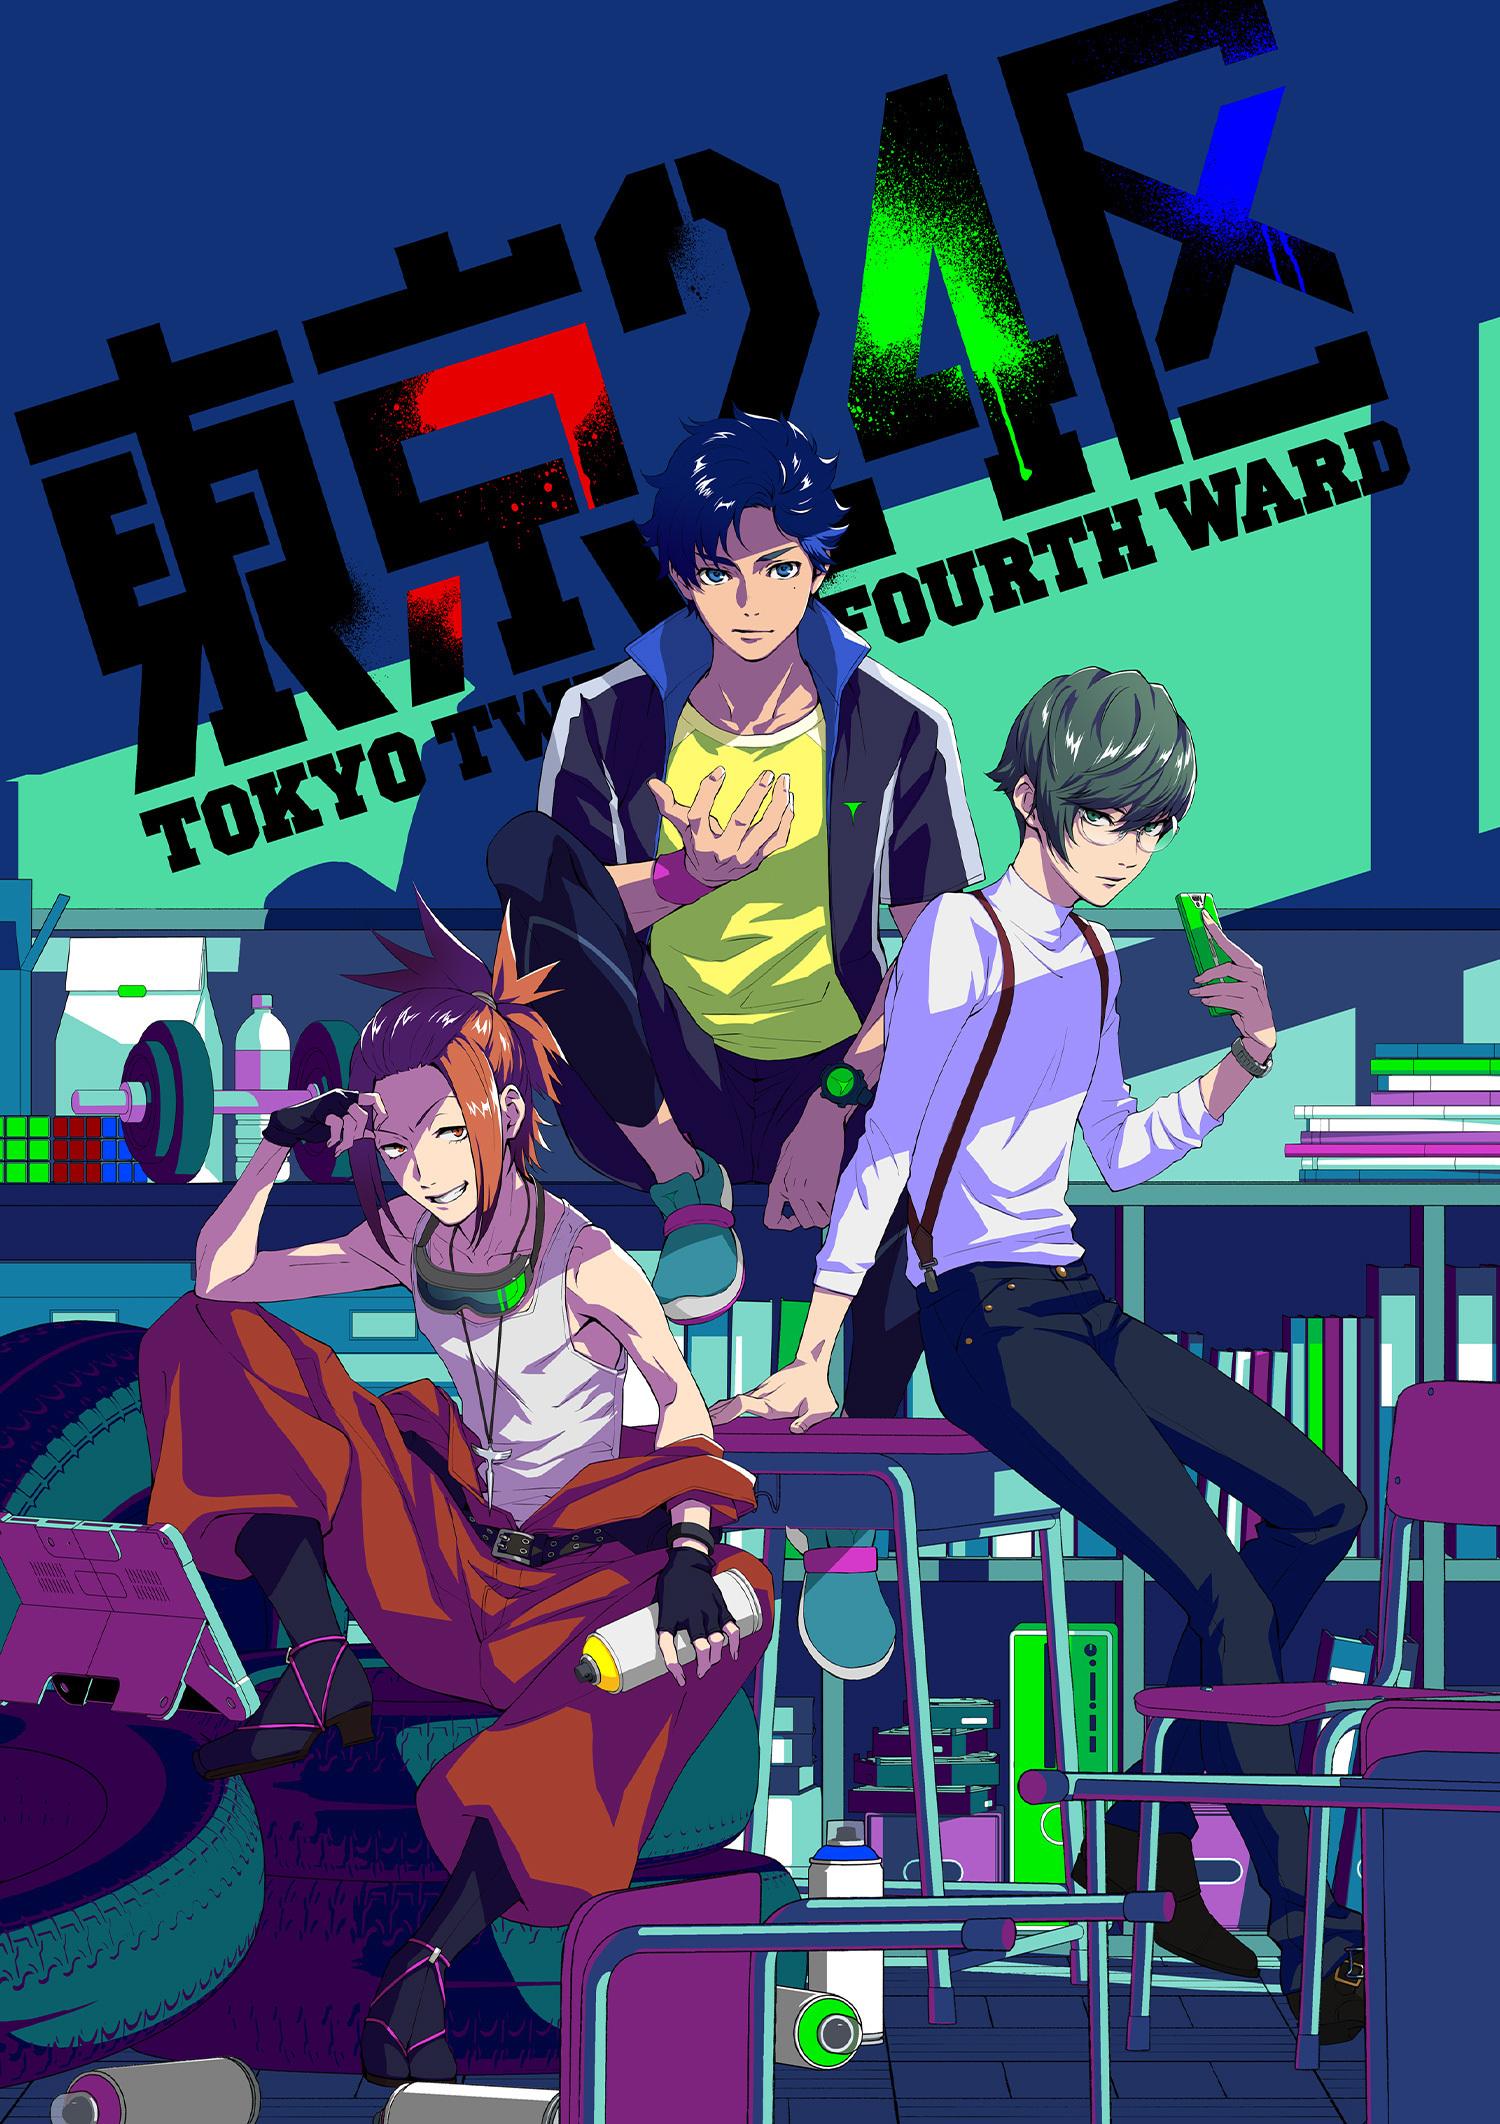 【情报】原创TV动画《东京24区》预告PV及视觉图公开,将于2022年1月播出